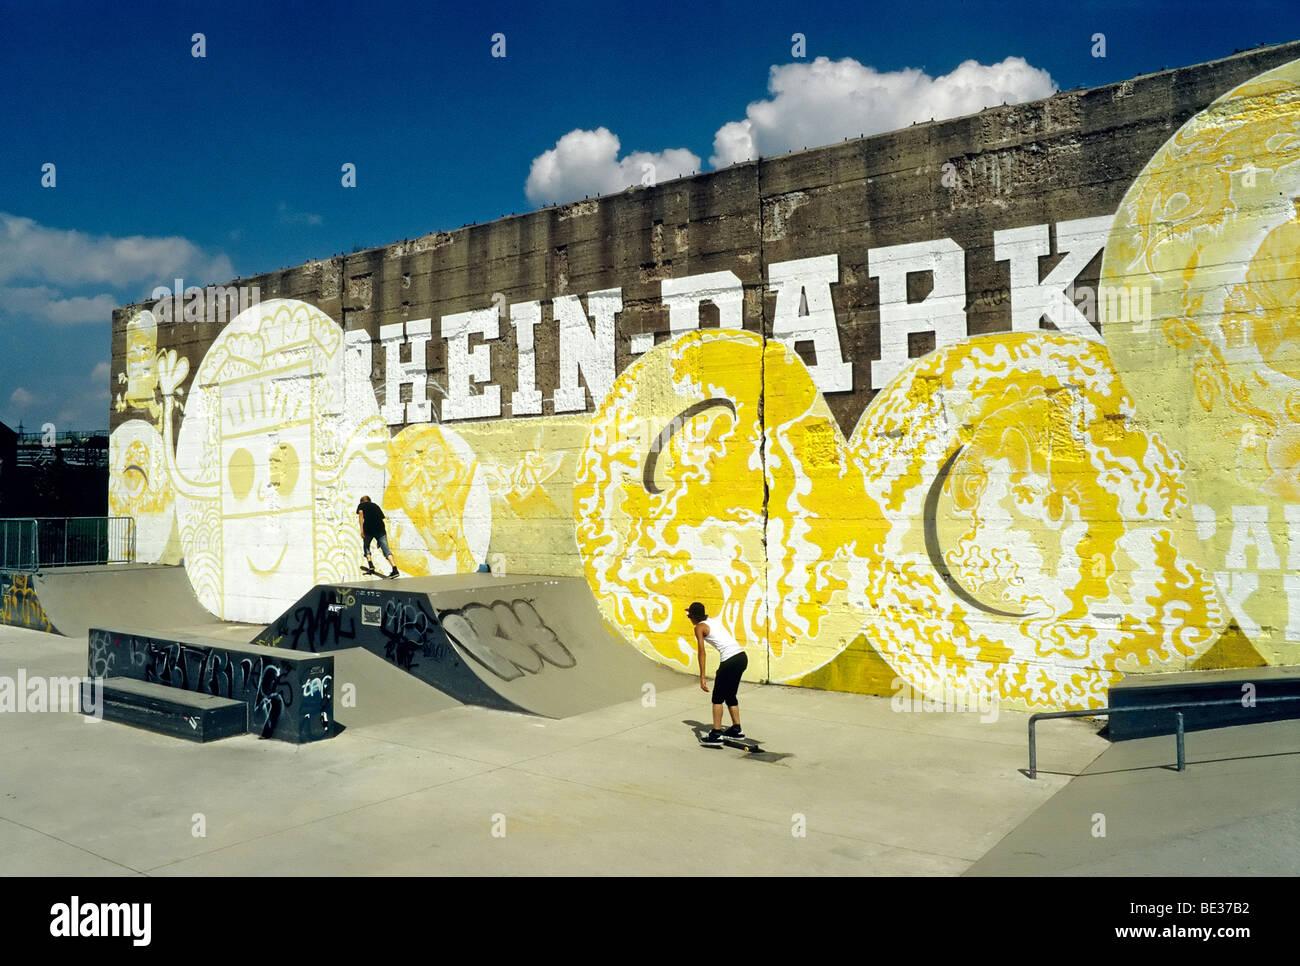 Skate Park, il vecchio muro di cemento con graffiti, Rheinpark, nuovo quartiere della città sul Reno, Duisburg Immagini Stock